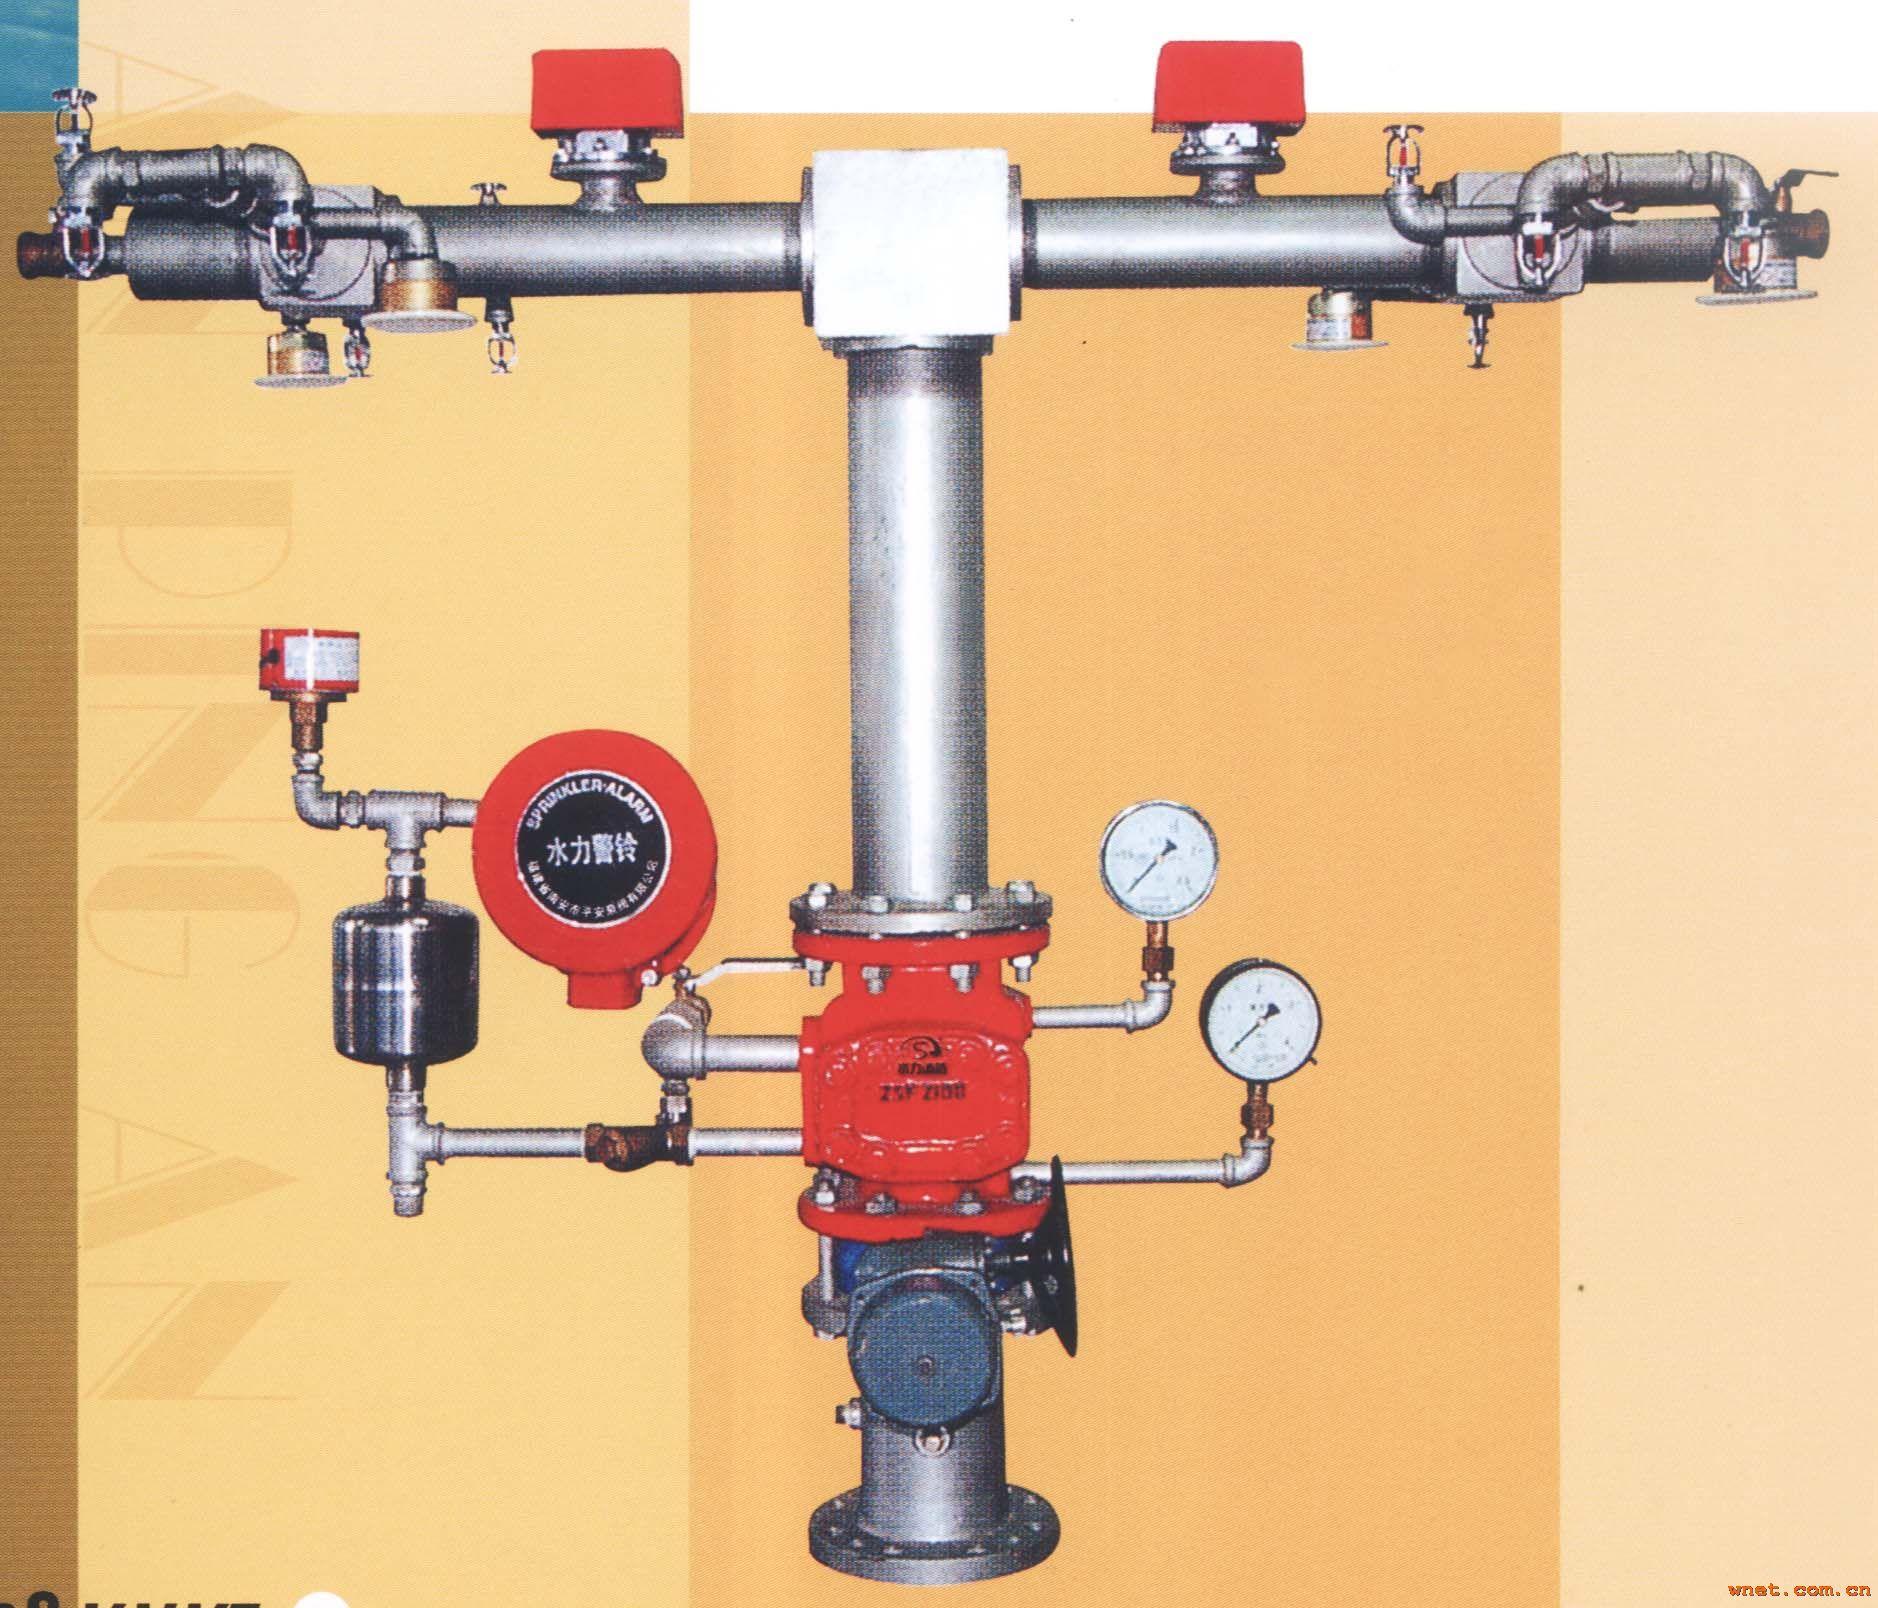 安装消防图例图片 消防安装图纸符号图例,消防弱电系统图图